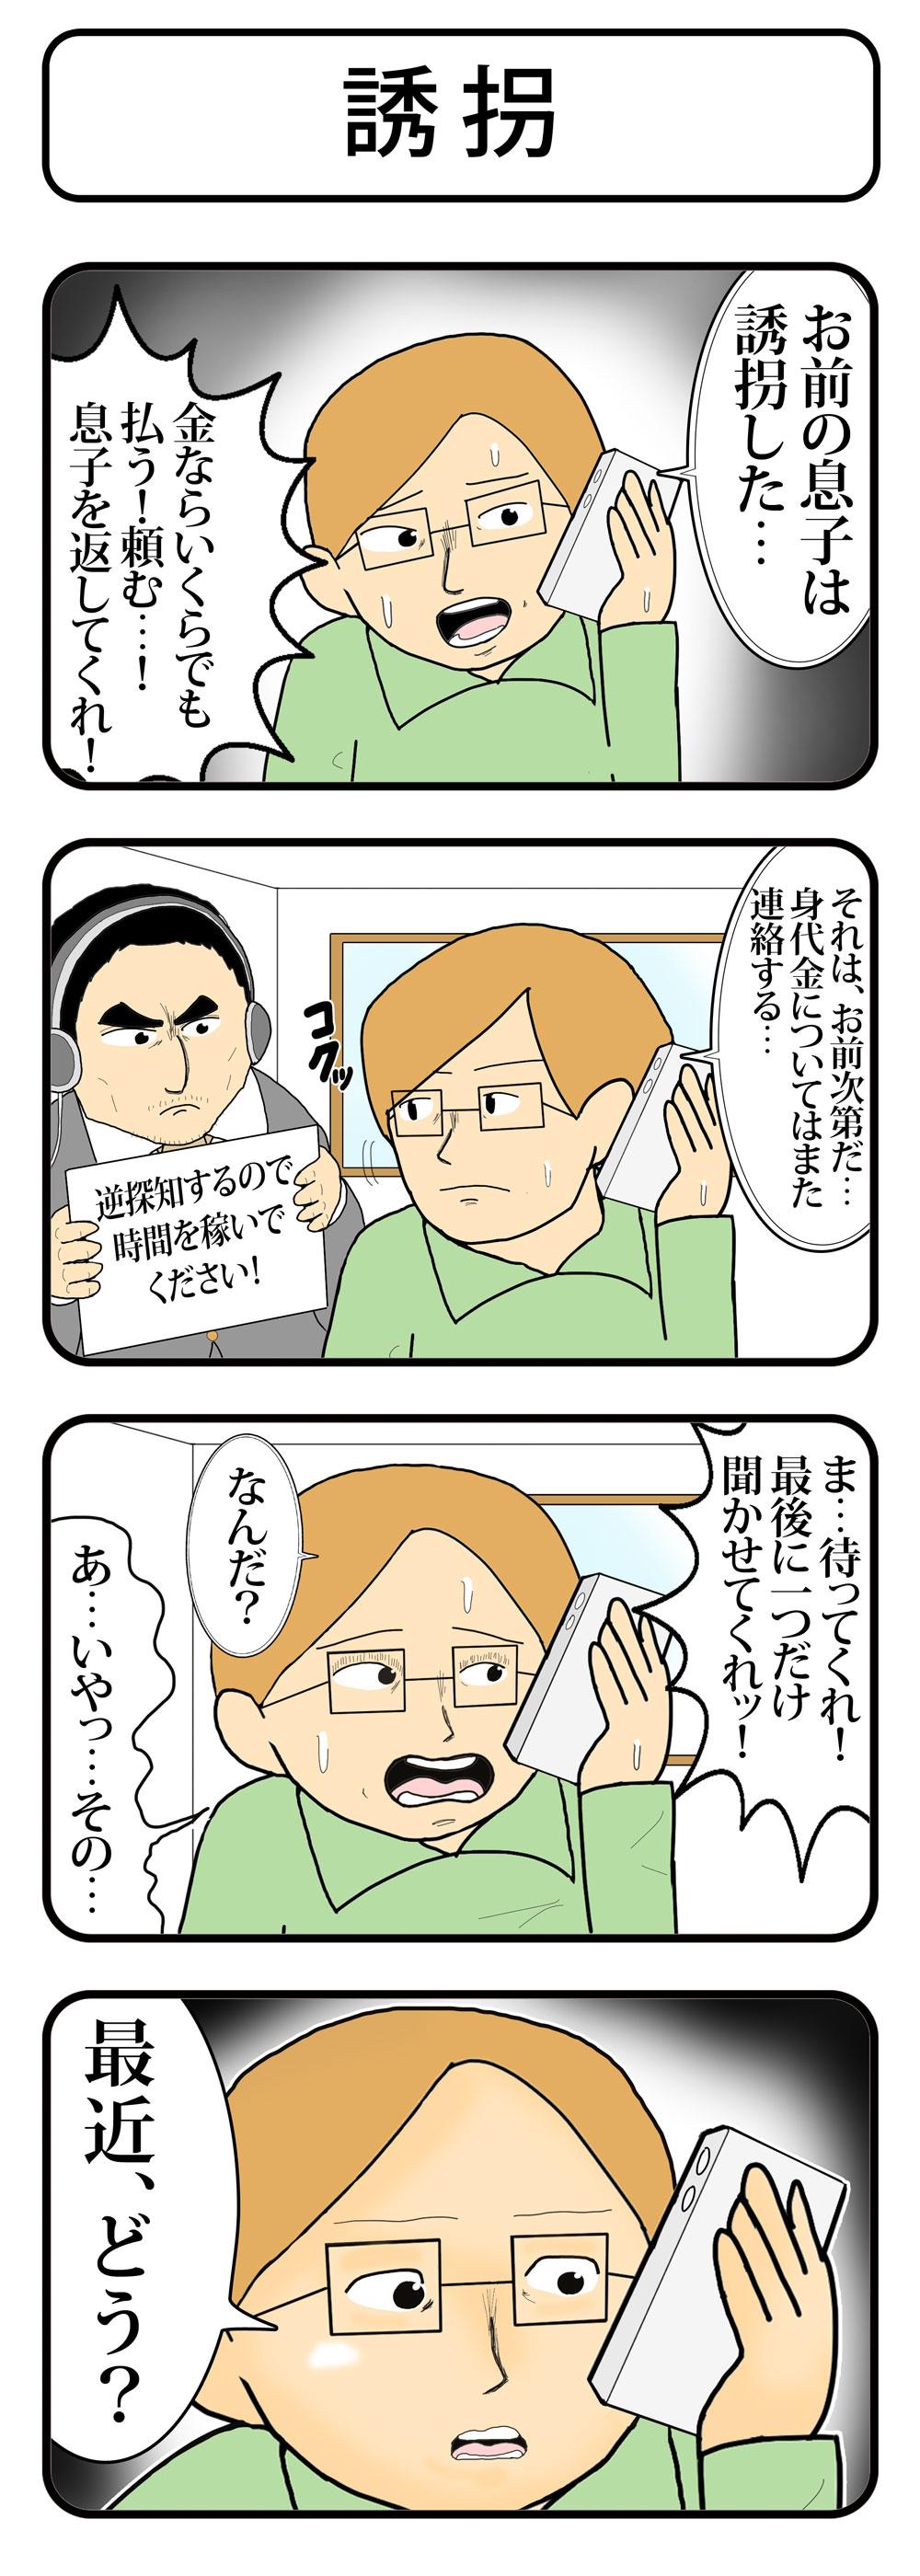 ①誘拐c3